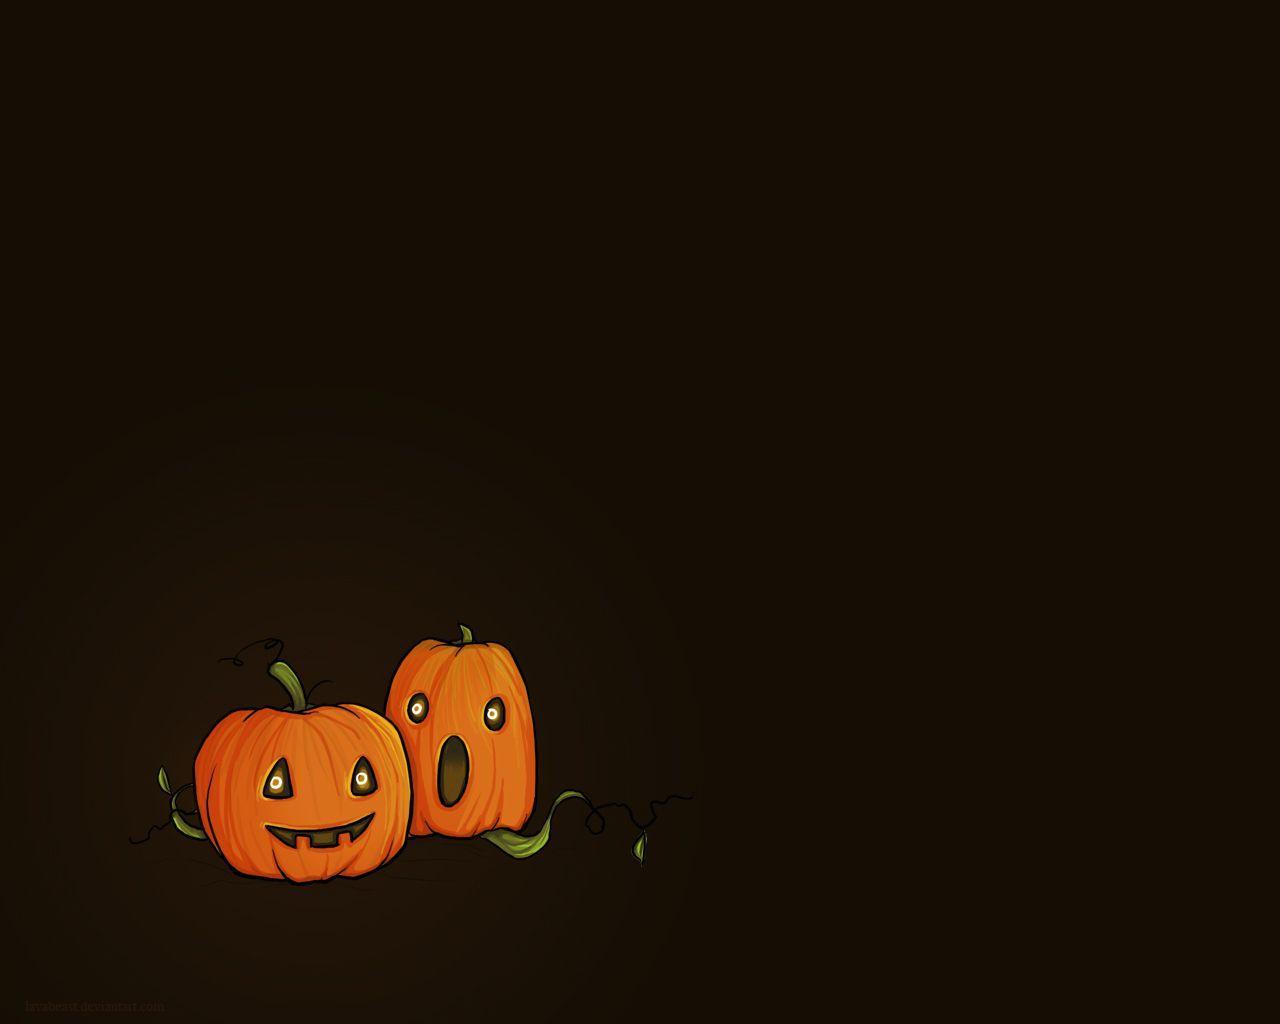 Fun Halloween Wallpapers Top Free Fun Halloween